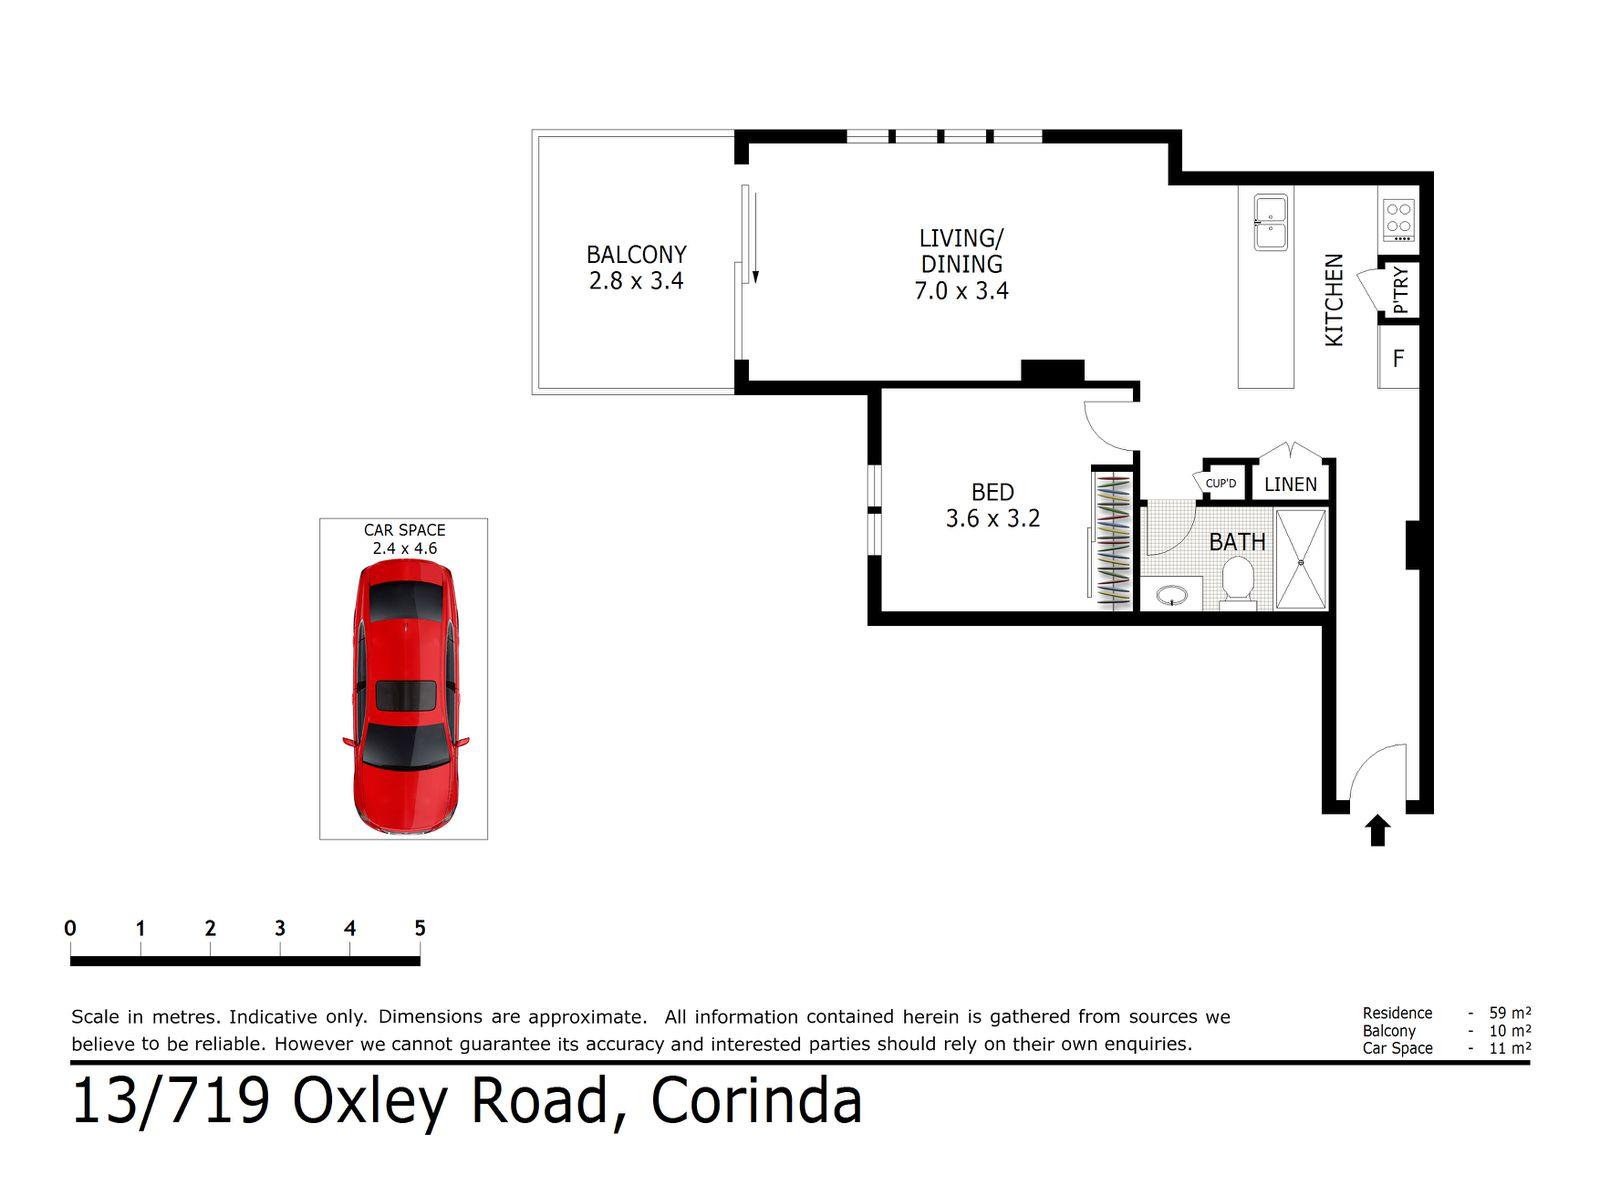 13 / 719 Oxley Road, Corinda